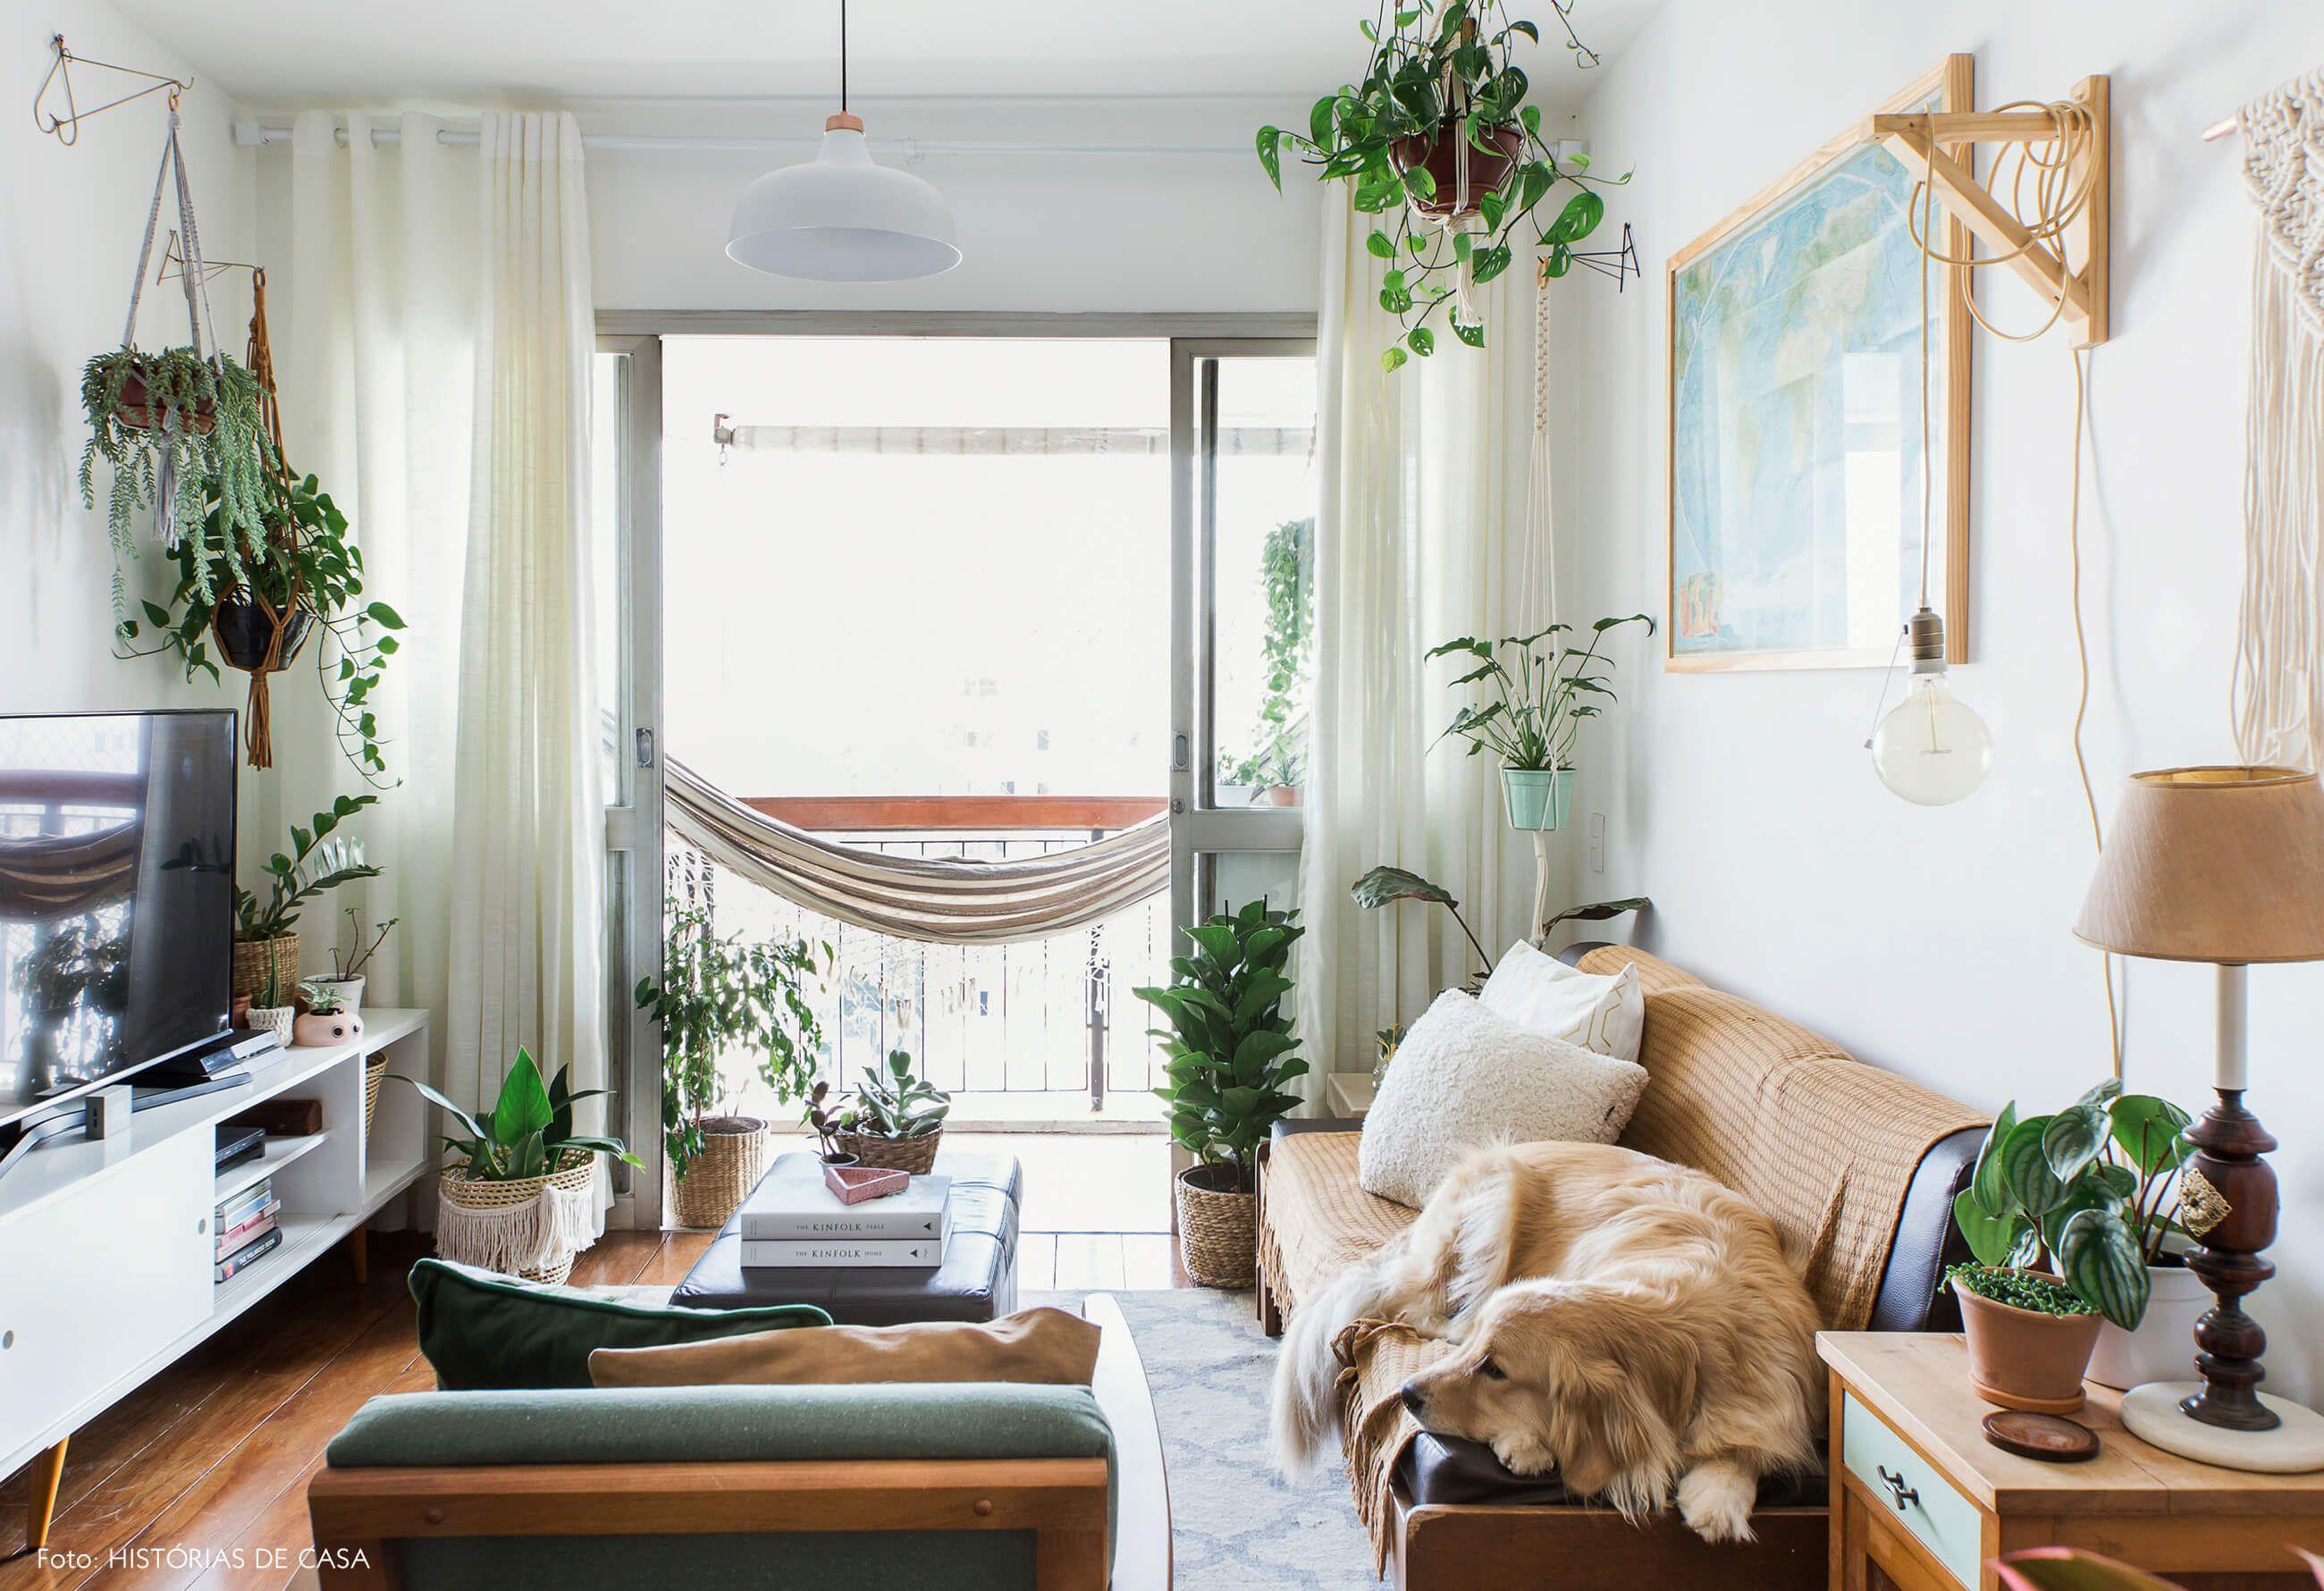 Apartamento pequeno e cheio de plantas sala de estar for Apartamentos minimalistas pequenos